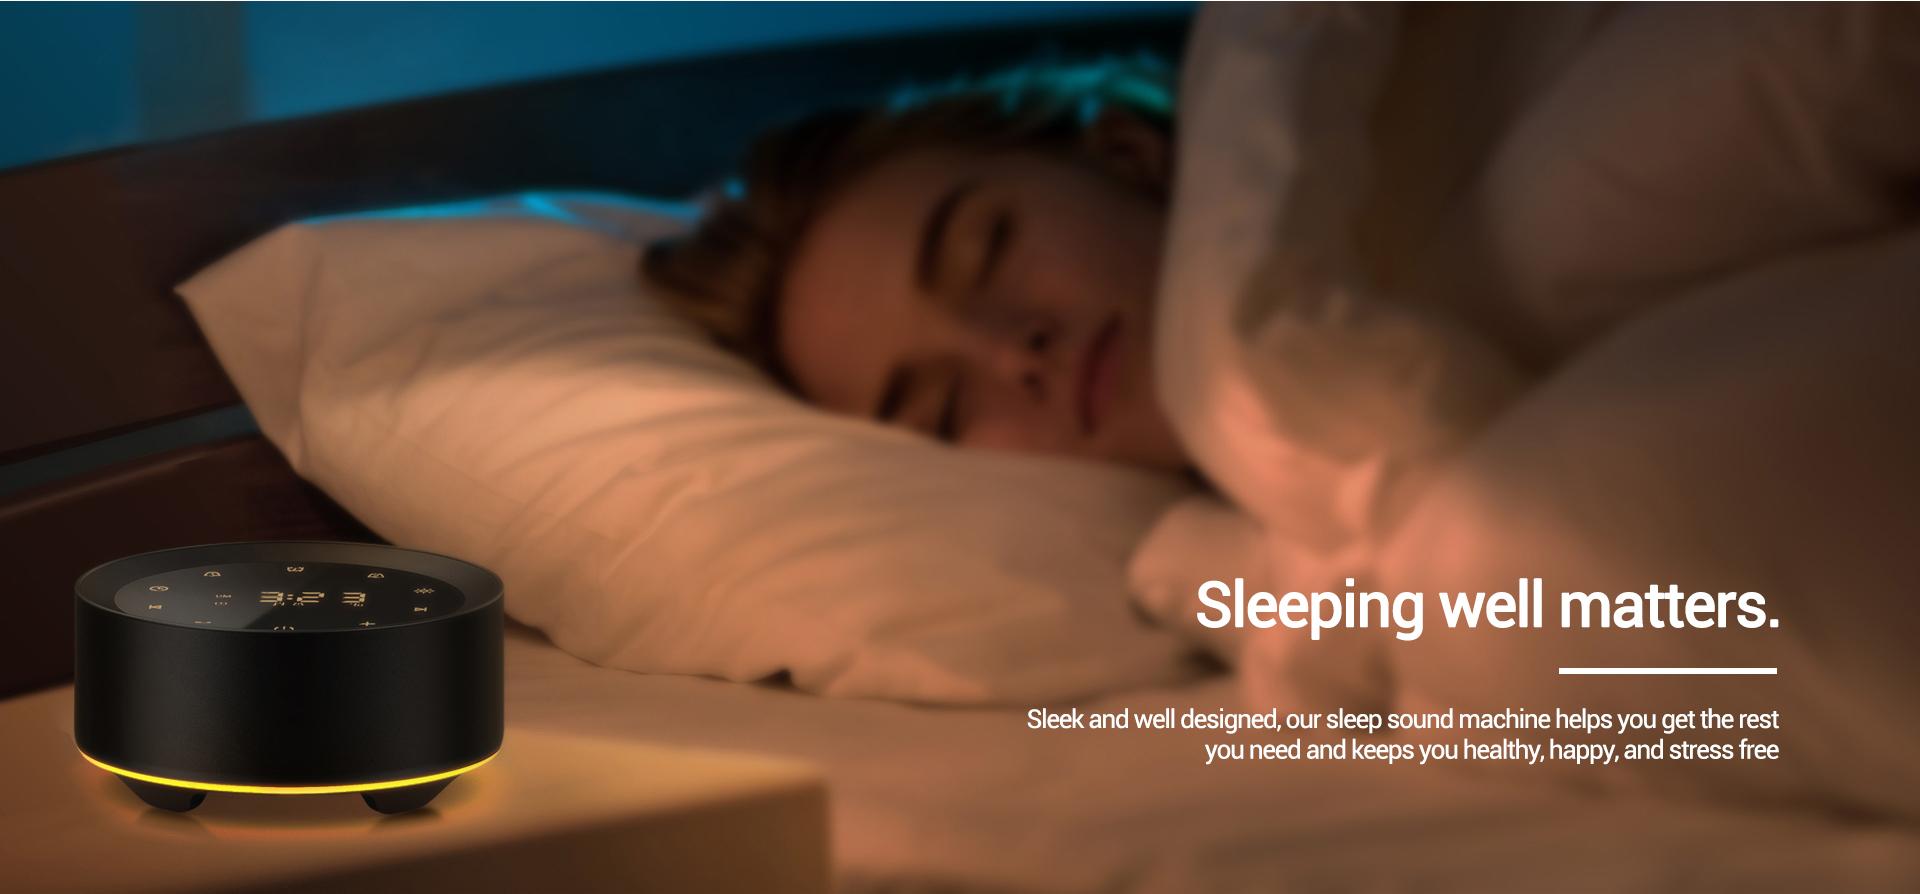 Sound Machine for Sleeping